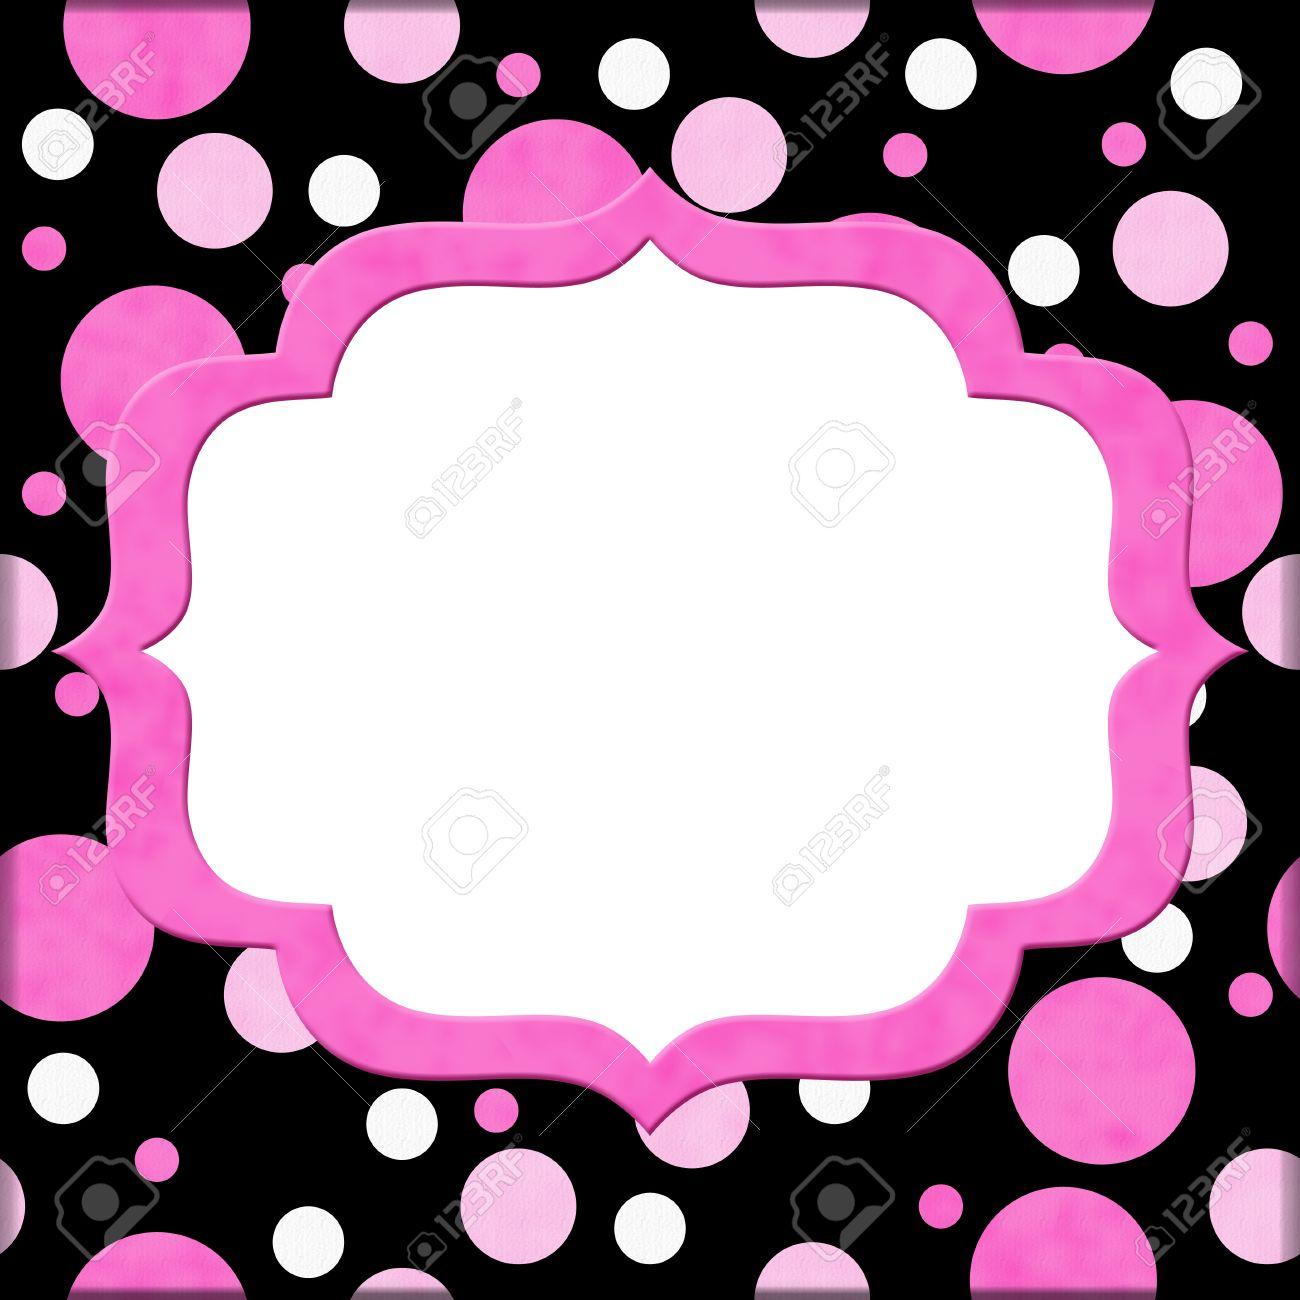 pink polka dot invites